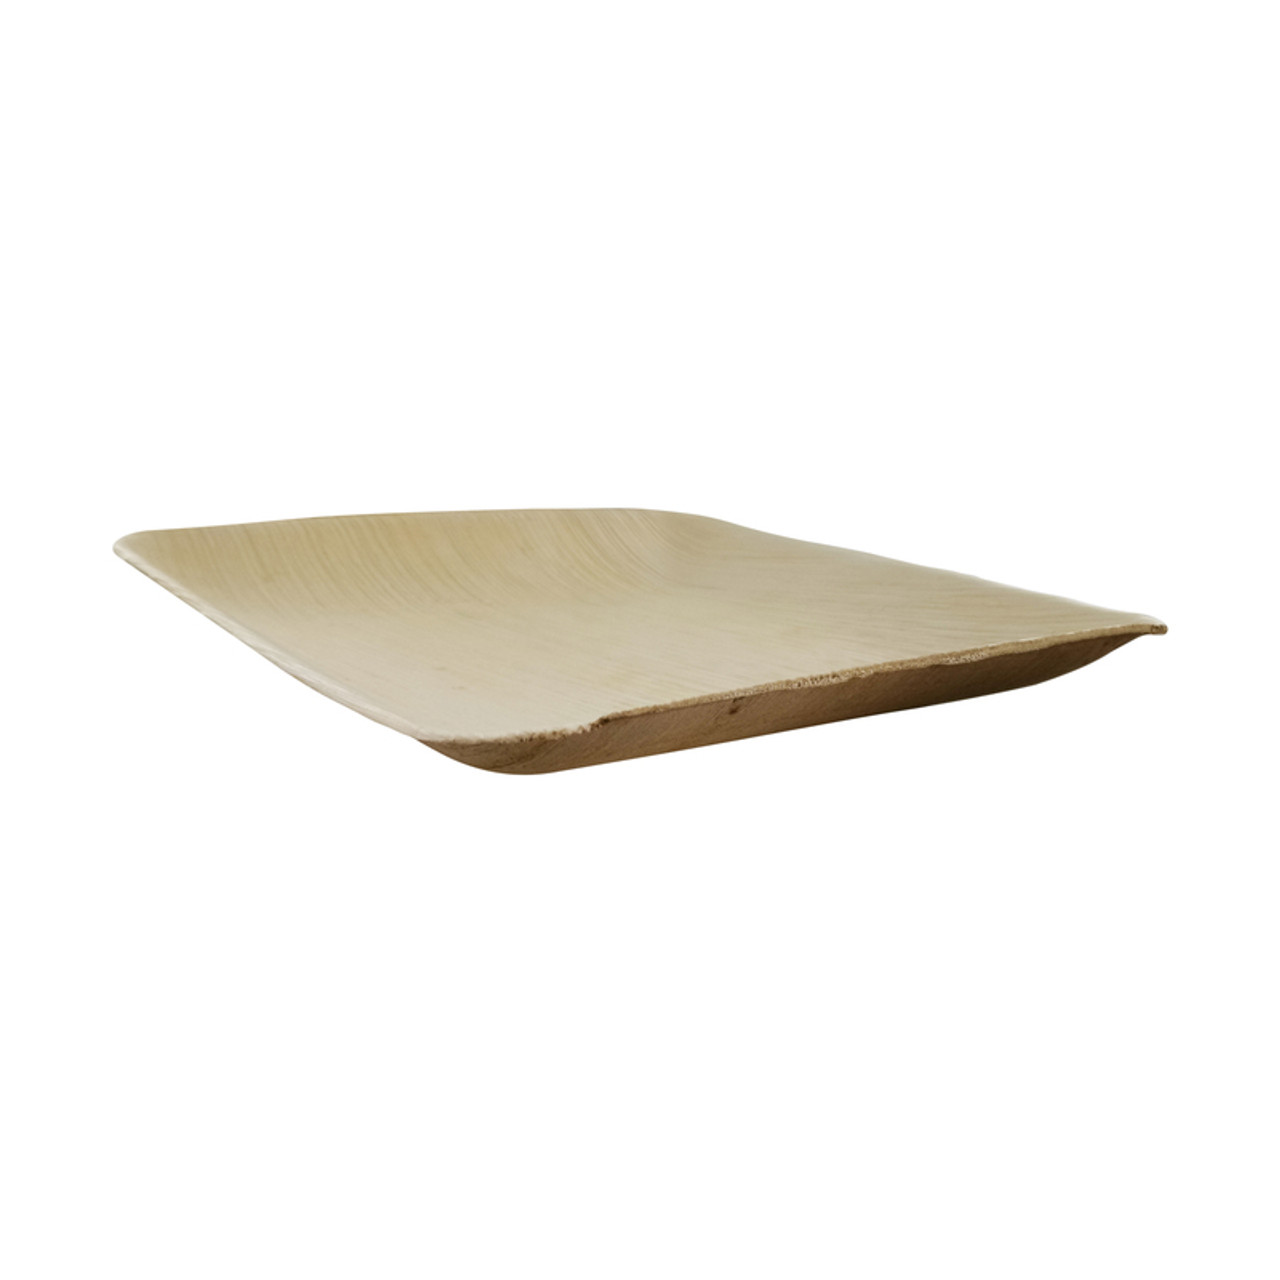 Square Palm Leaf Dinner Plate - L:6.3 x W:6.3 x H:.6in